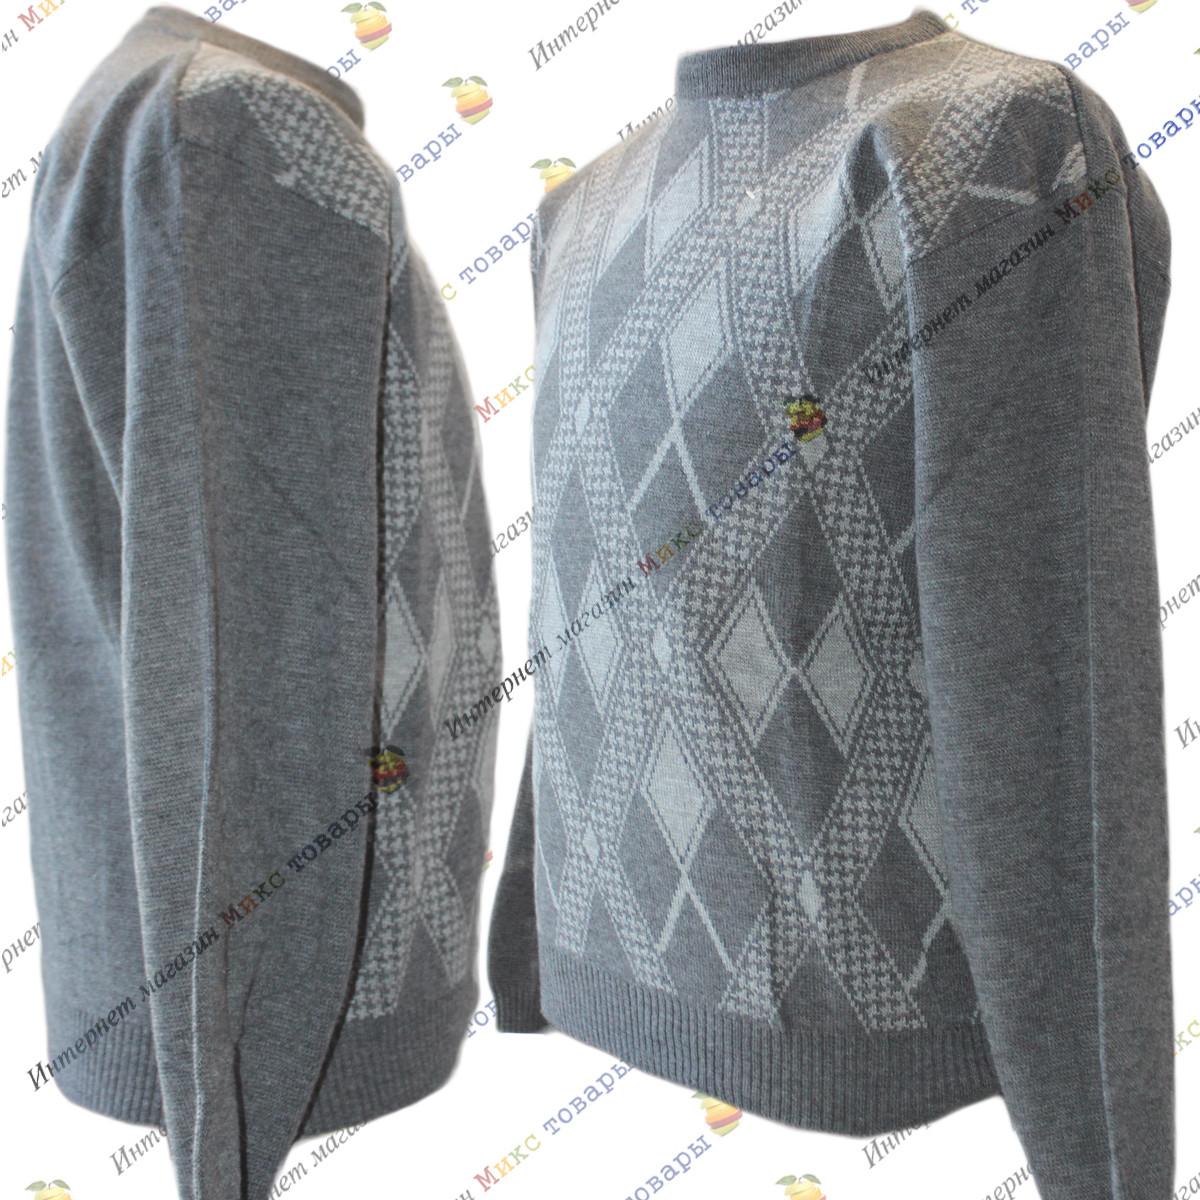 Мужские свитера на 7 км от 48 до 54 размера